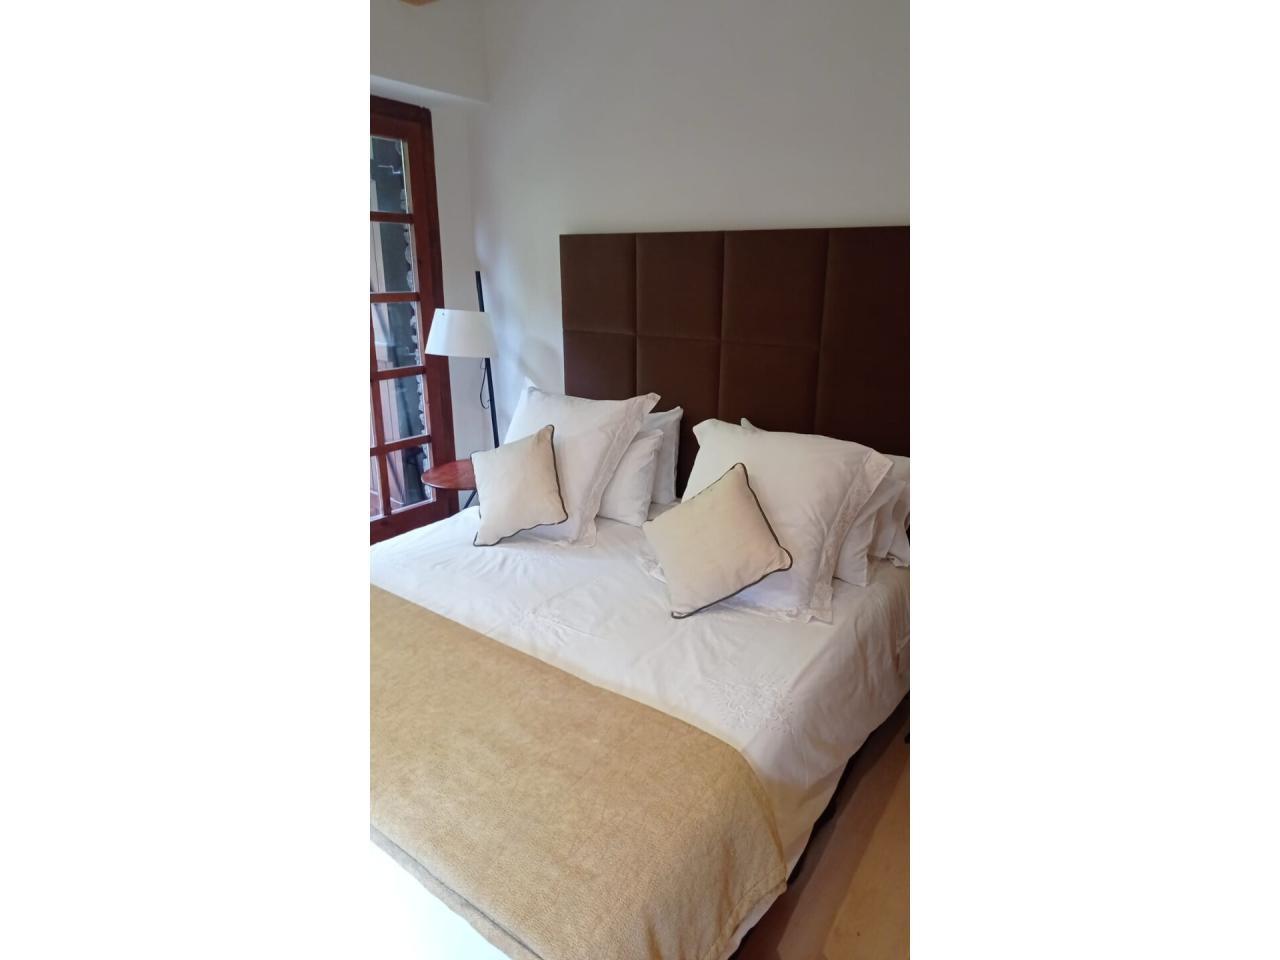 Xalet/Casa Adossada/Borda en venda a Ordino - Immobiliària Cortals - Andorra - Rèf. 0358